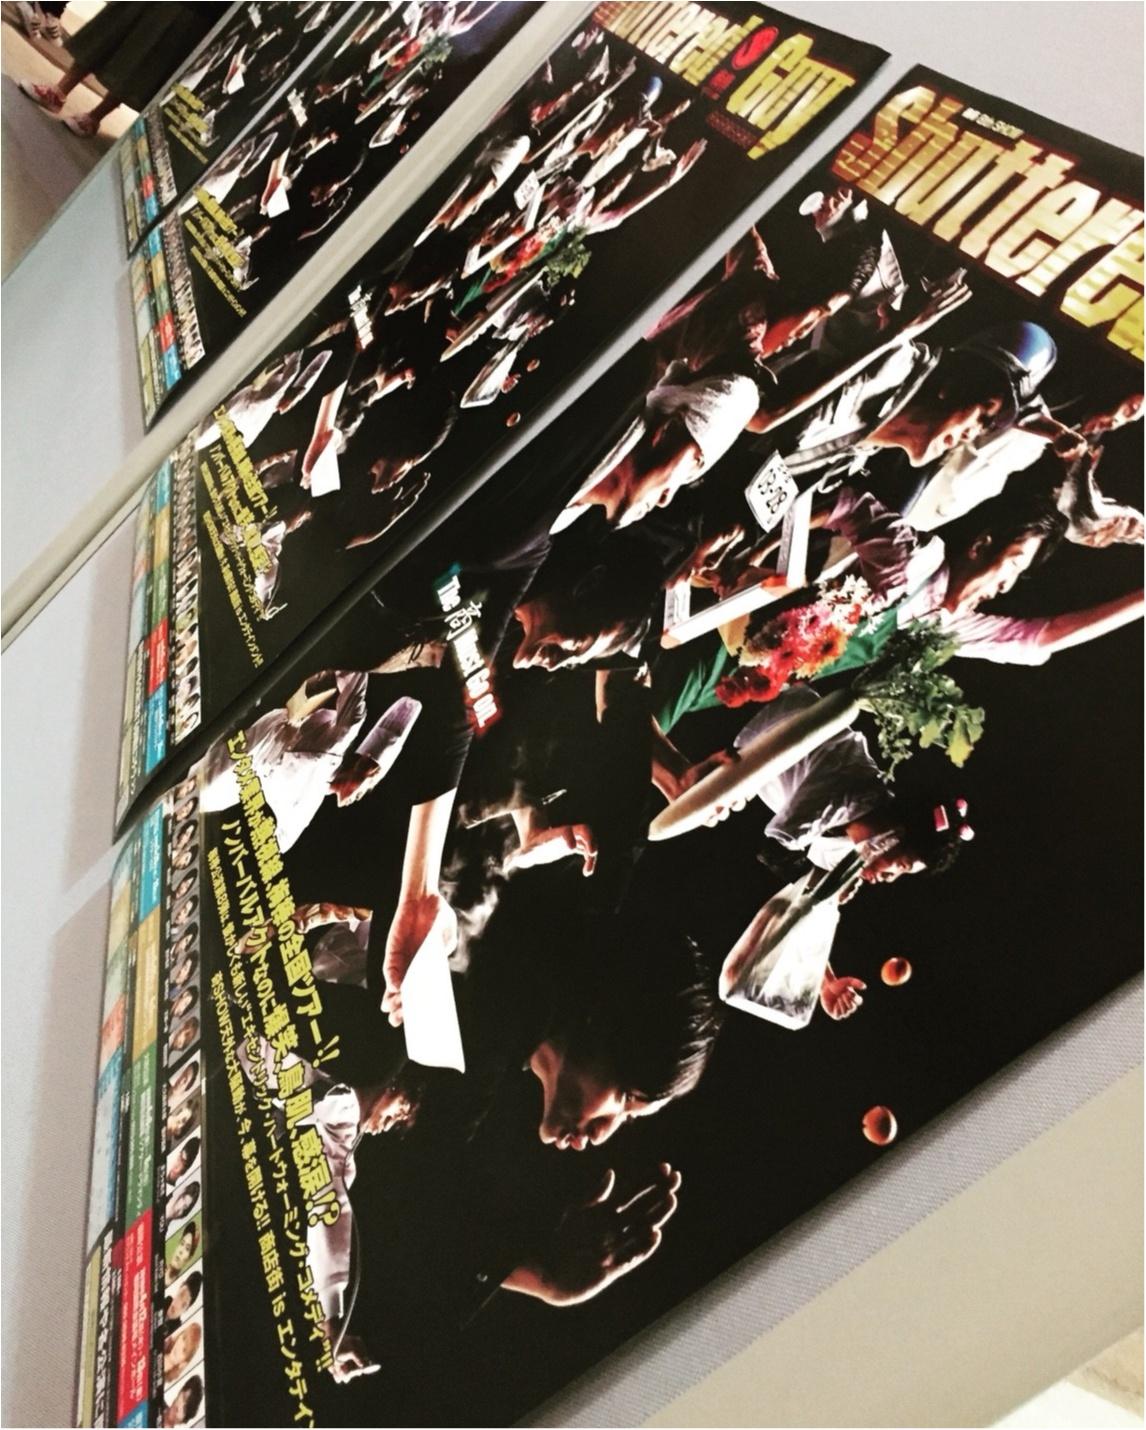 はじまりの春に心躍るエンタメ舞台【梅棒8th SHOW『Shuttered Guy』】4都市ツアー開幕!!_7